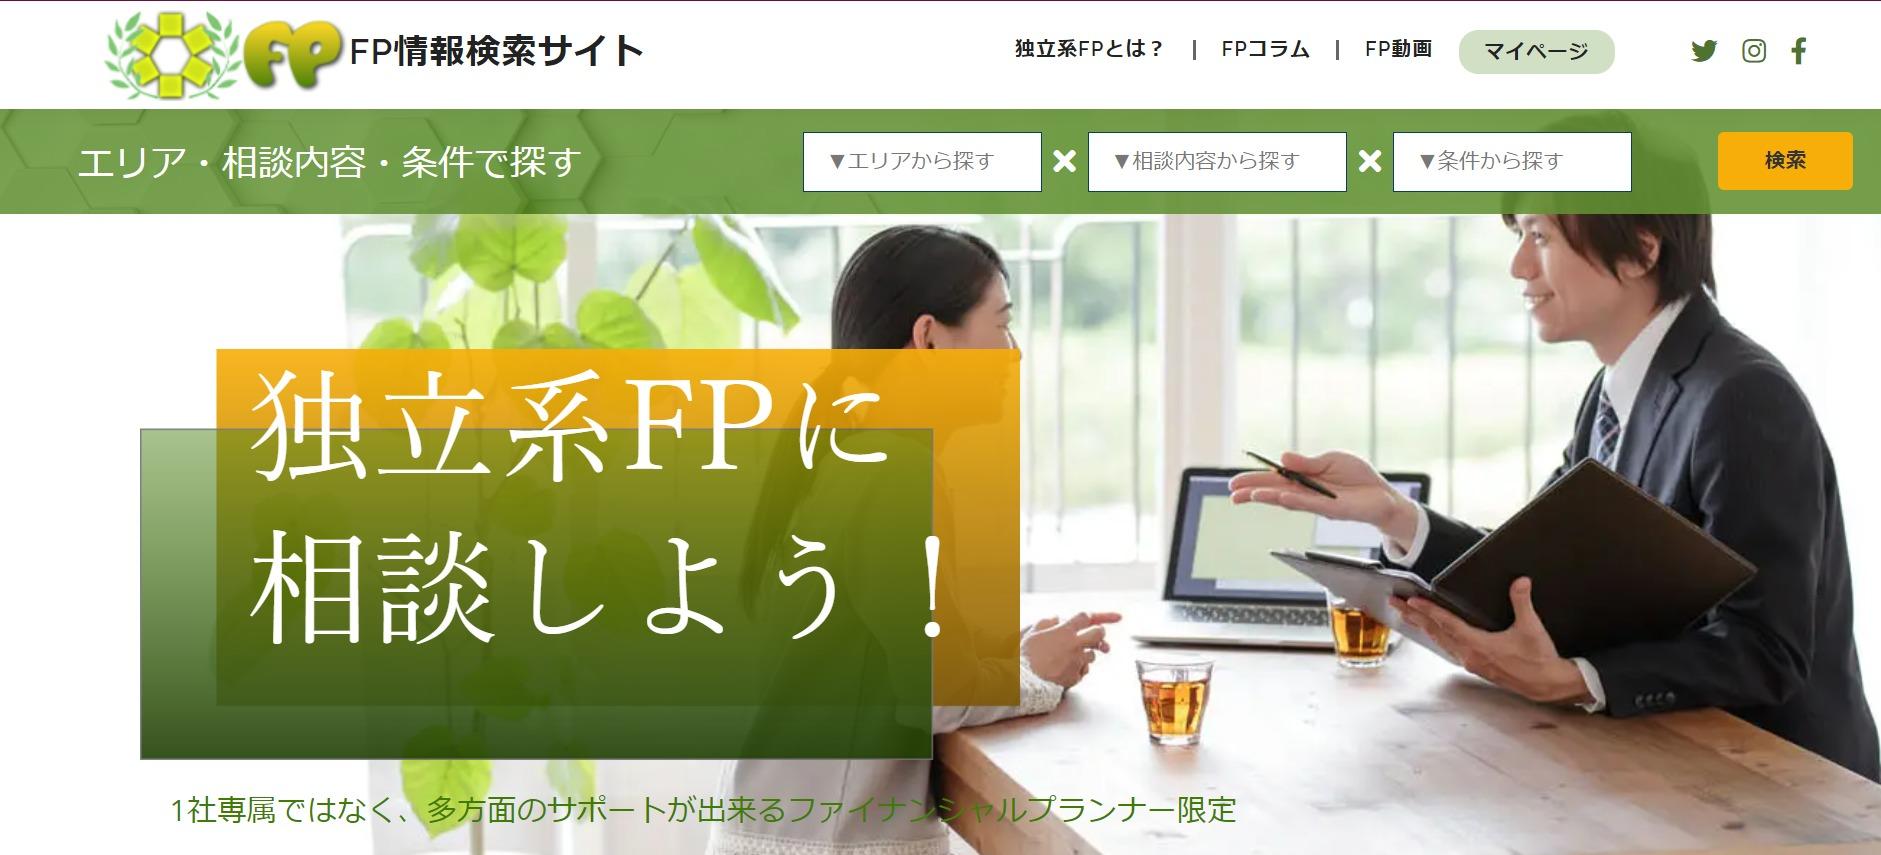 FP情報検索サイト